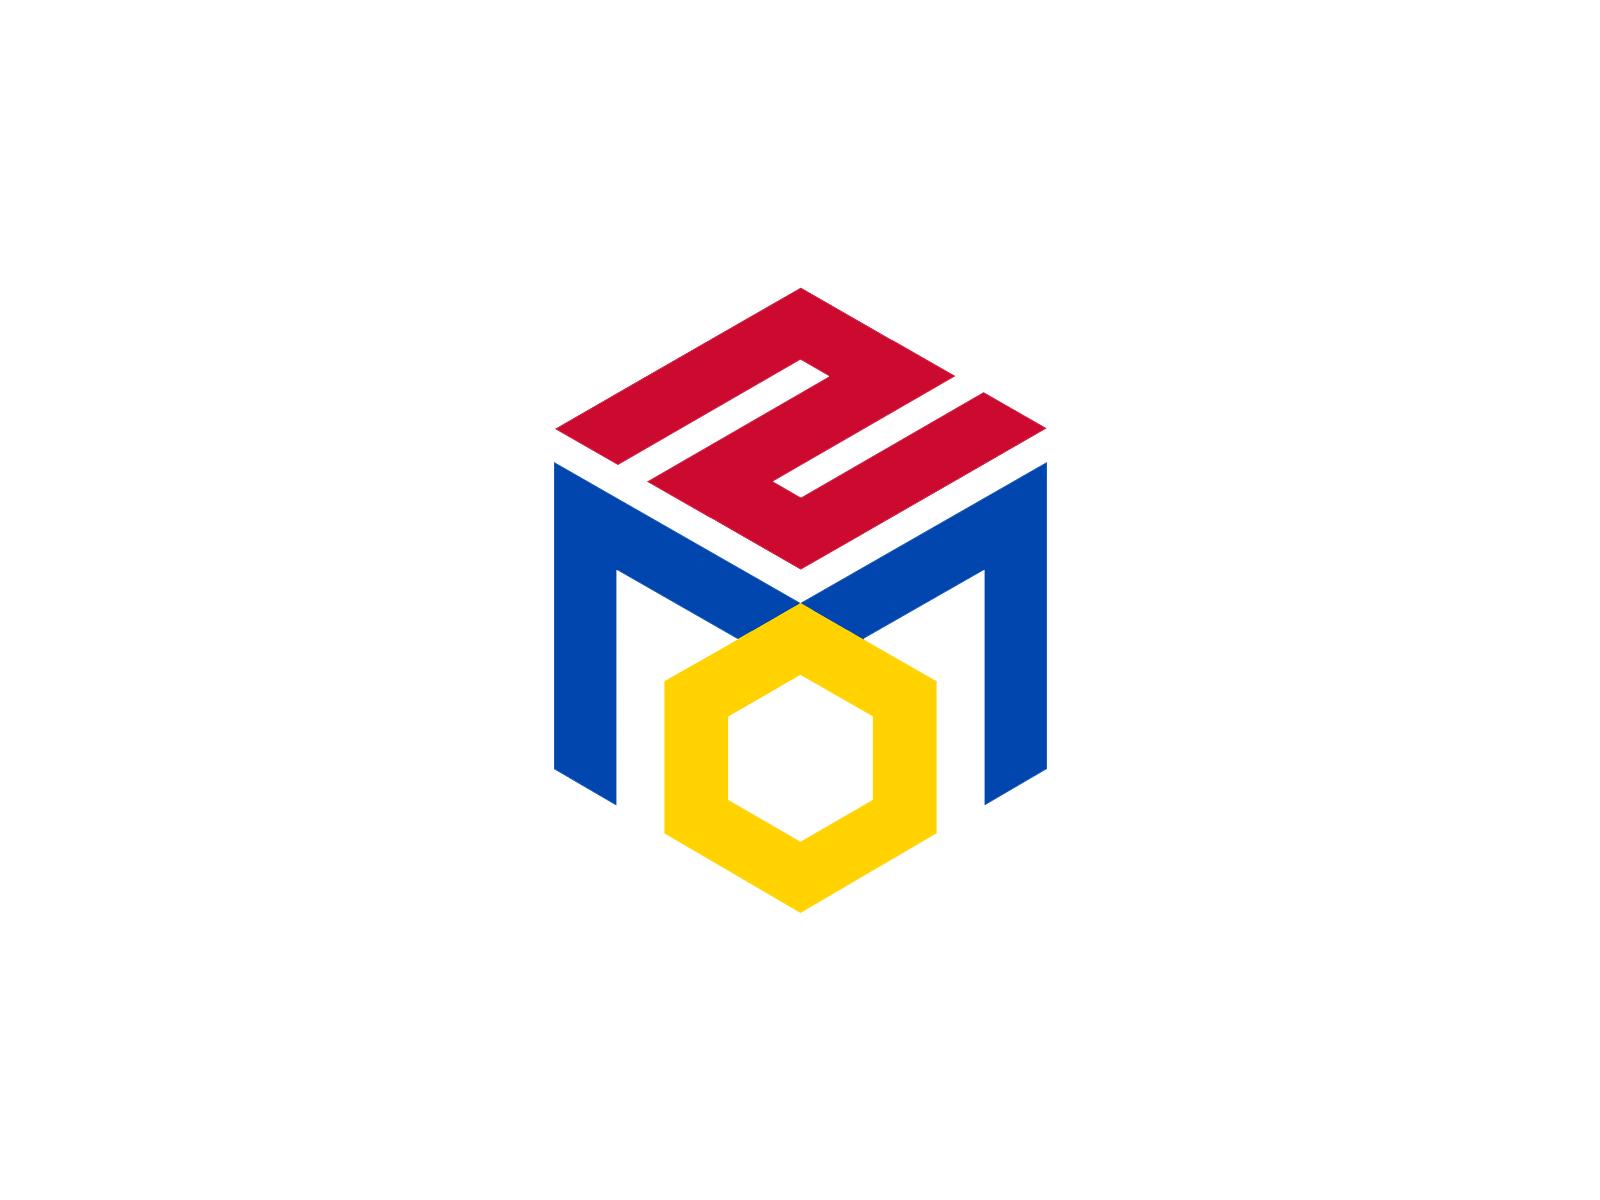 Разработка логотипа для краудфандинговой платформы om2om.md фото f_7455f5dd5a2bdb02.png